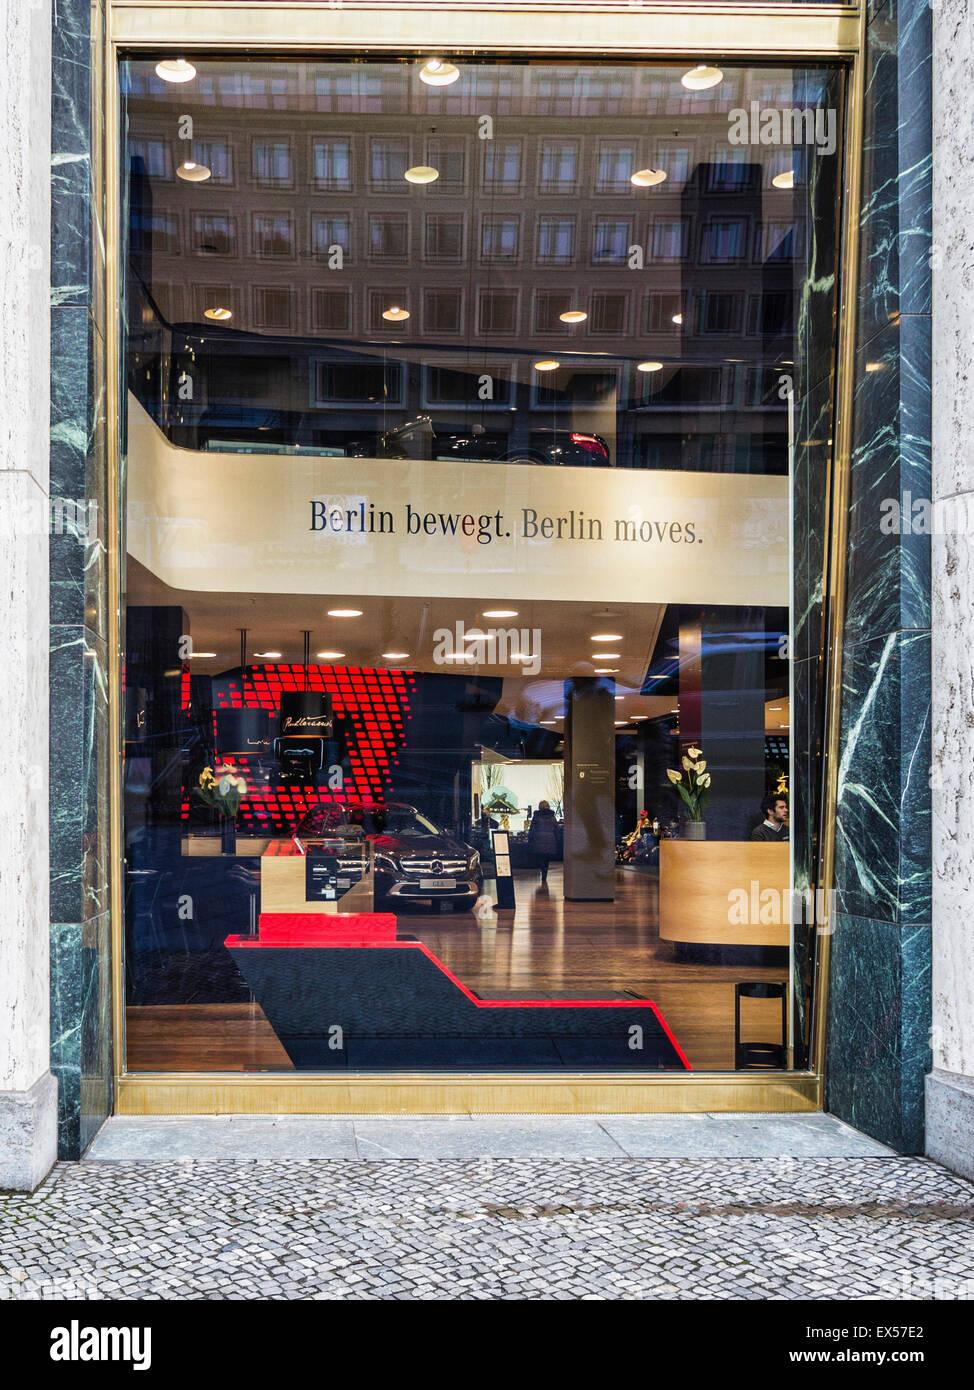 berlin mercedes benz motorwagen showroom, outlet verkauf luxus-autos